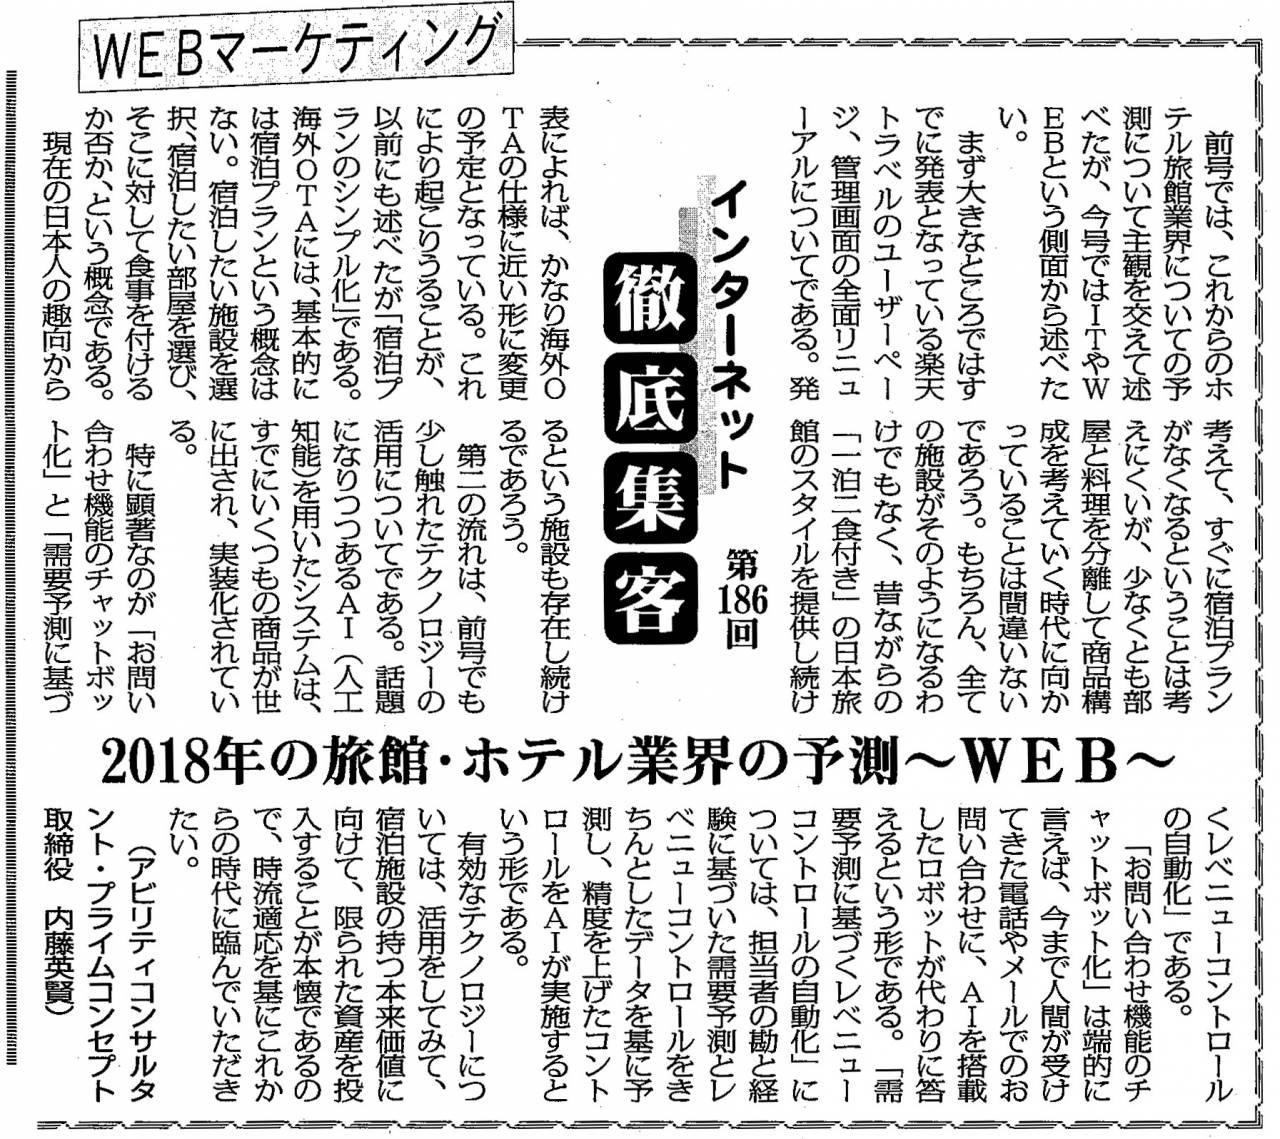 【第186回】WEBマーケティング インターネット徹底集客 (2018年のホテル旅館業界の予測〜WEB〜)